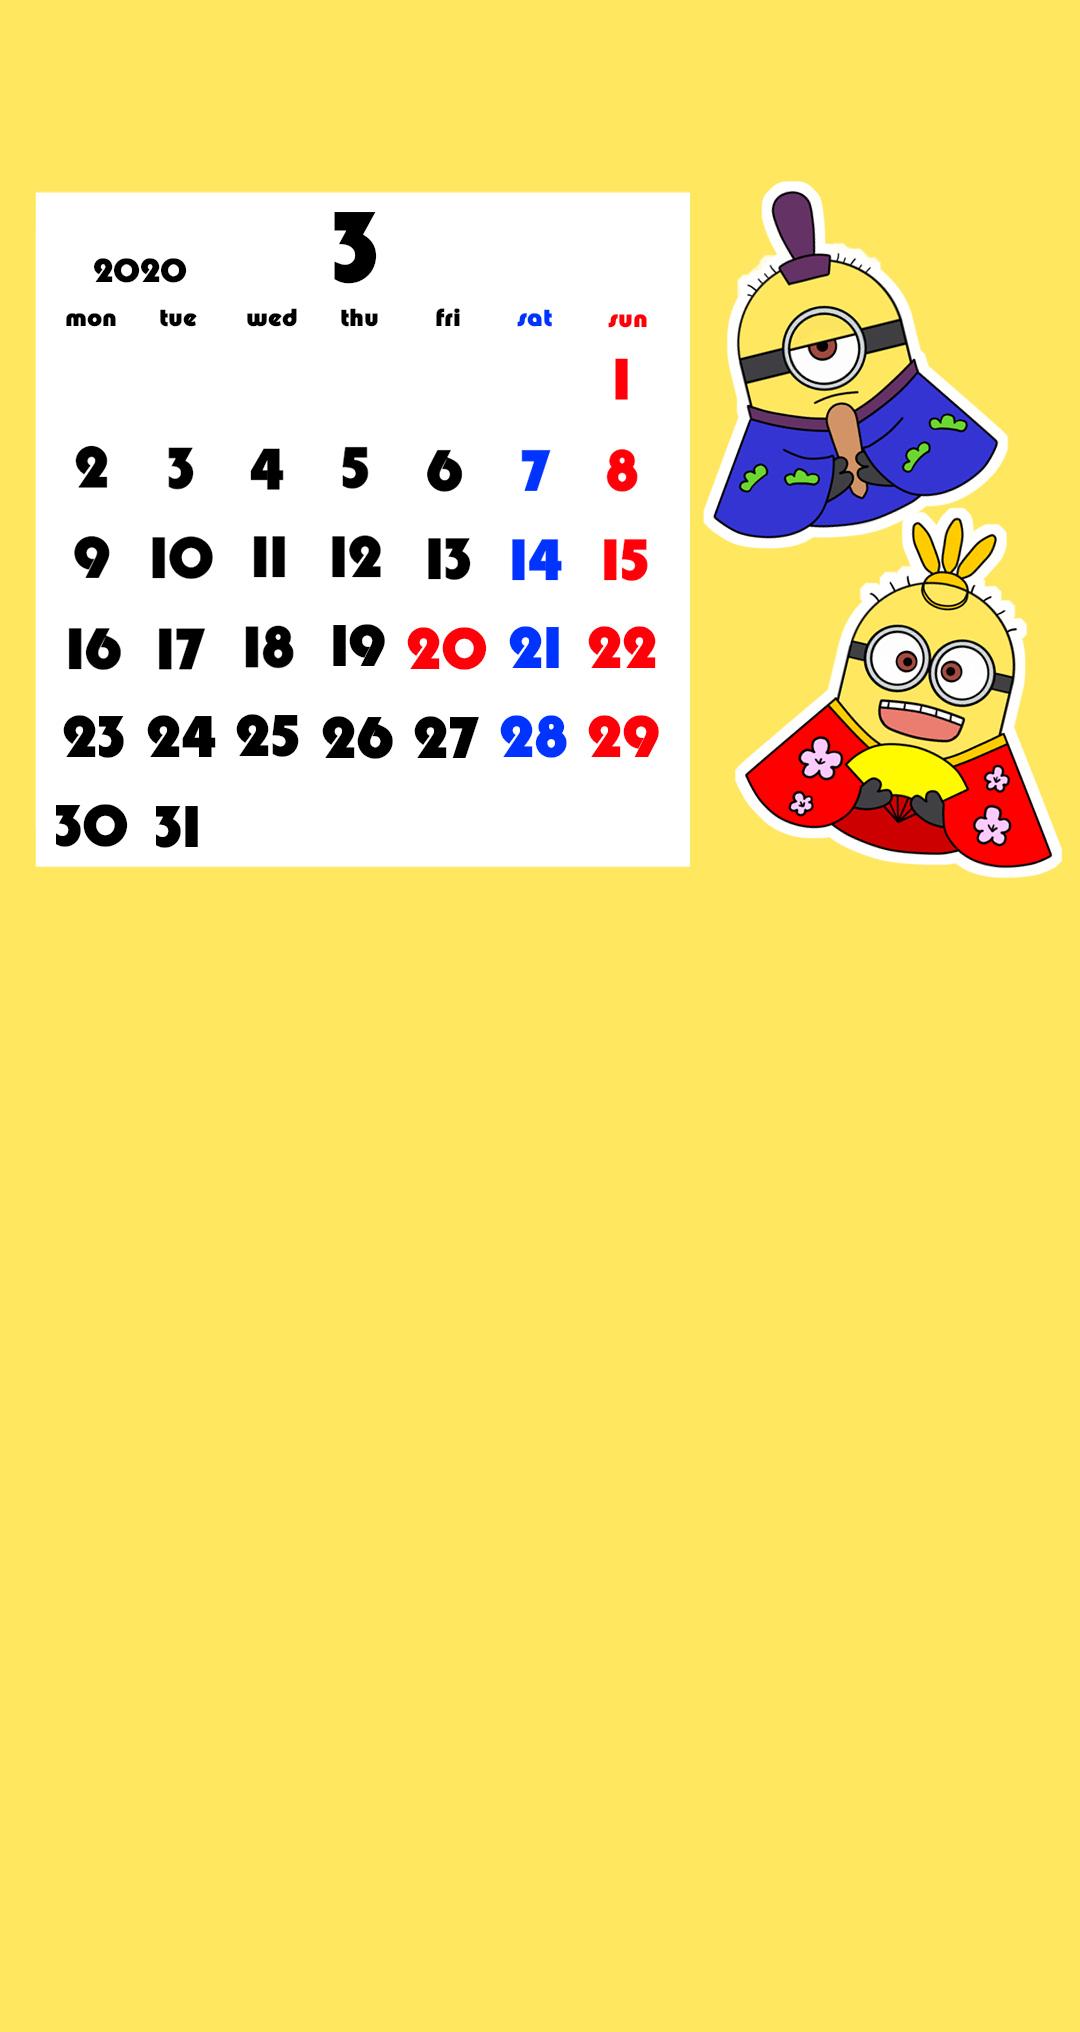 ミニオンズ 待ち受けカレンダー 2020年3月 Android用 月曜始まり